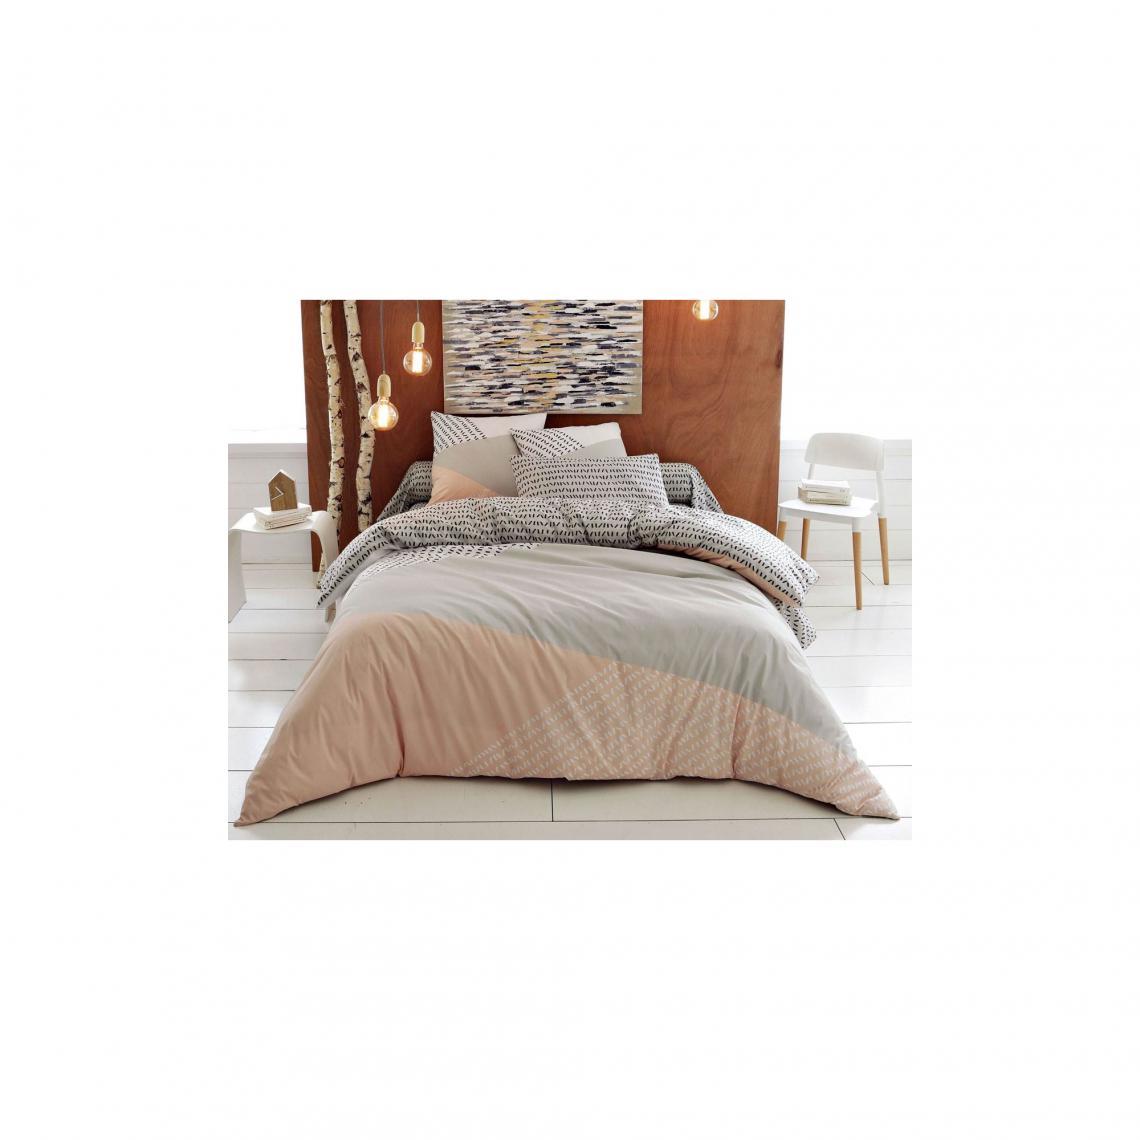 housse de couette style nordique becquet rose 3 suisses. Black Bedroom Furniture Sets. Home Design Ideas